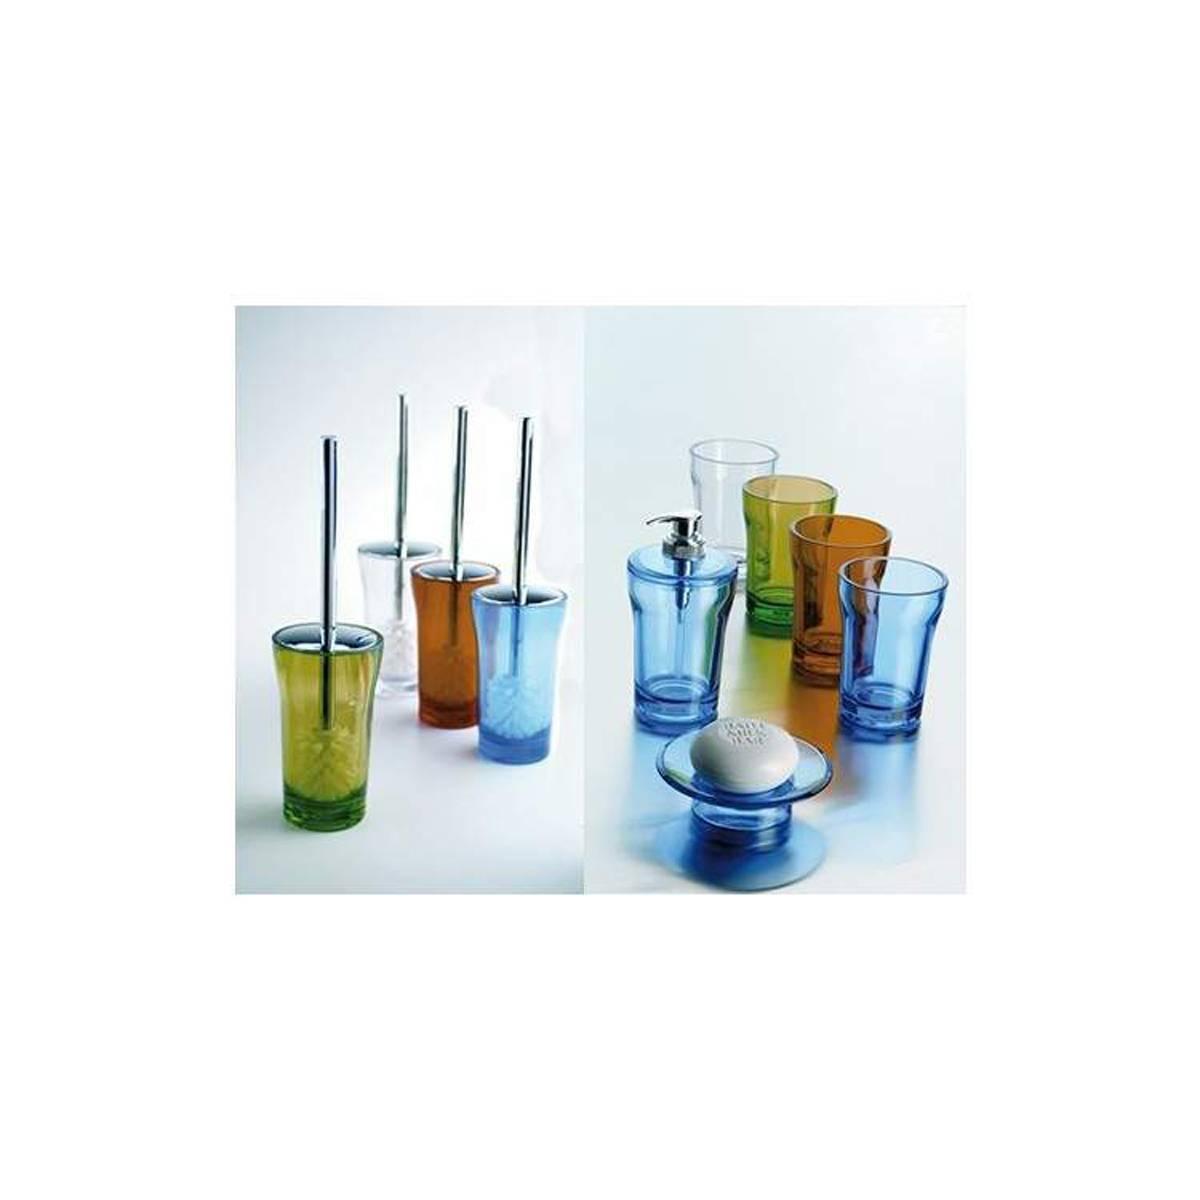 Accessori Bagno Portasapone.Set Accessori Bagno Arancio Portasapone Bicchiere Portascopino Dispenser Quaranta Store 40store Com